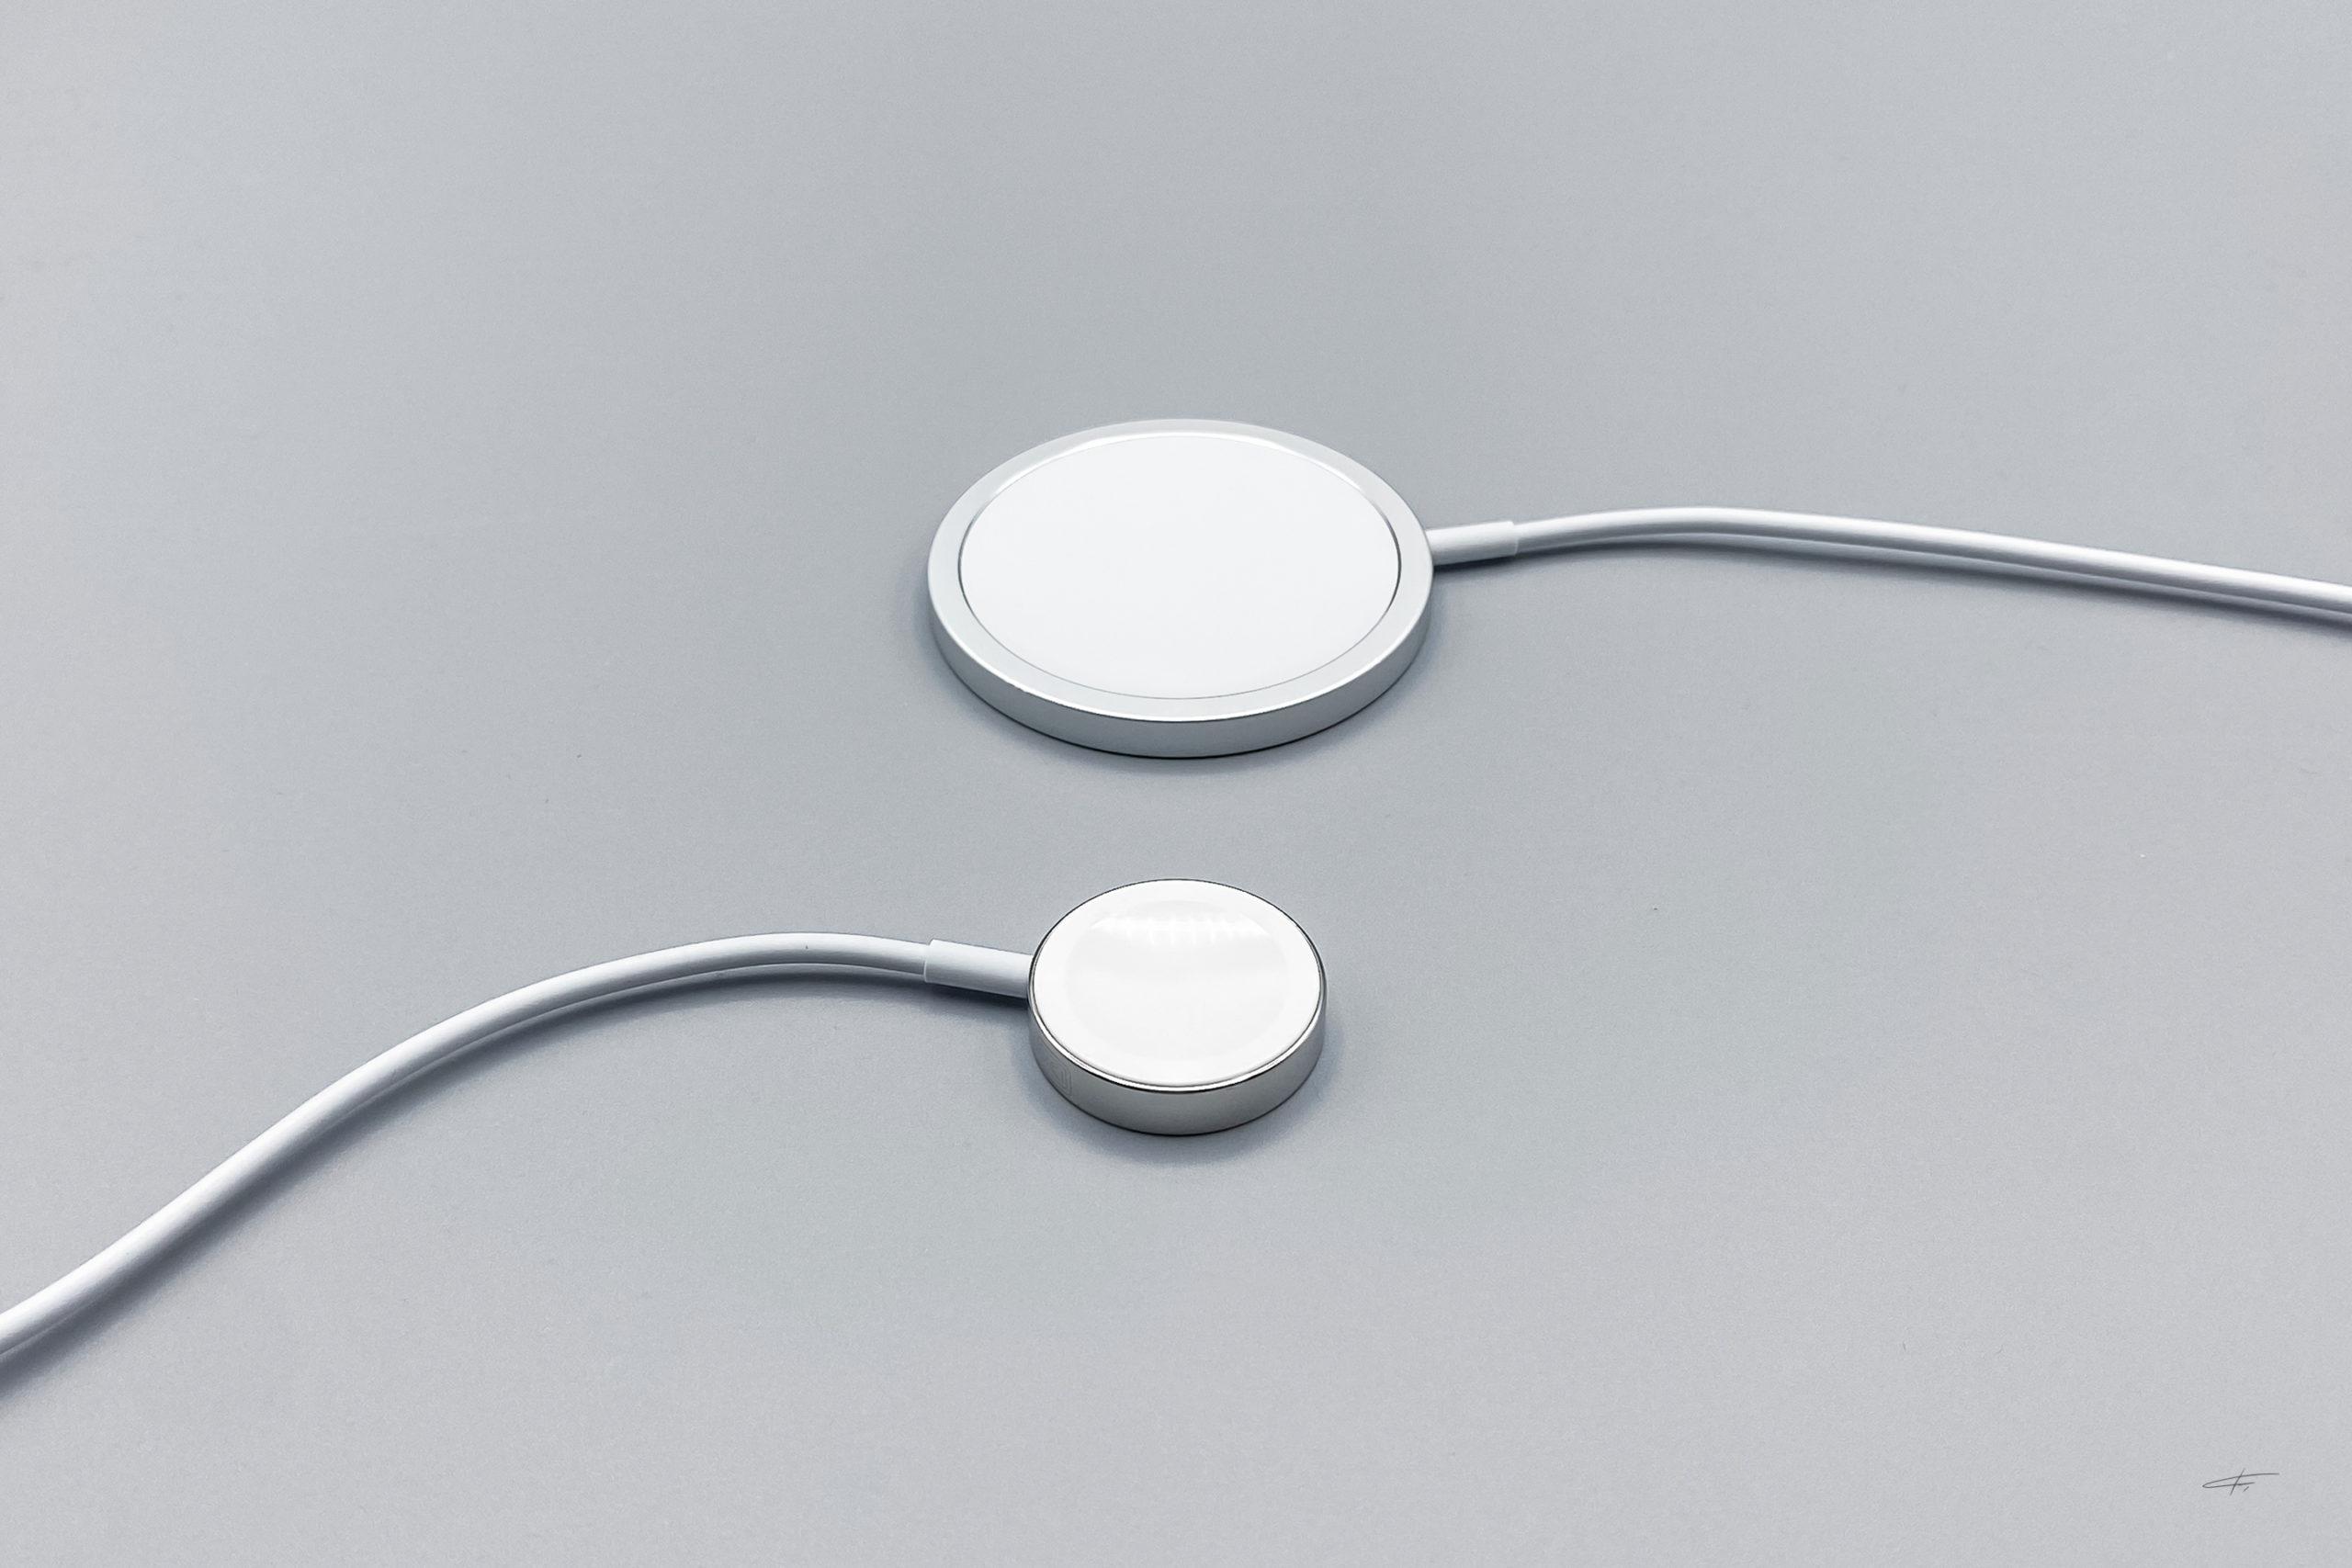 Adaptador de carga inalámbrica MagSafe del iPhone comparado con el cargador del Apple Watch